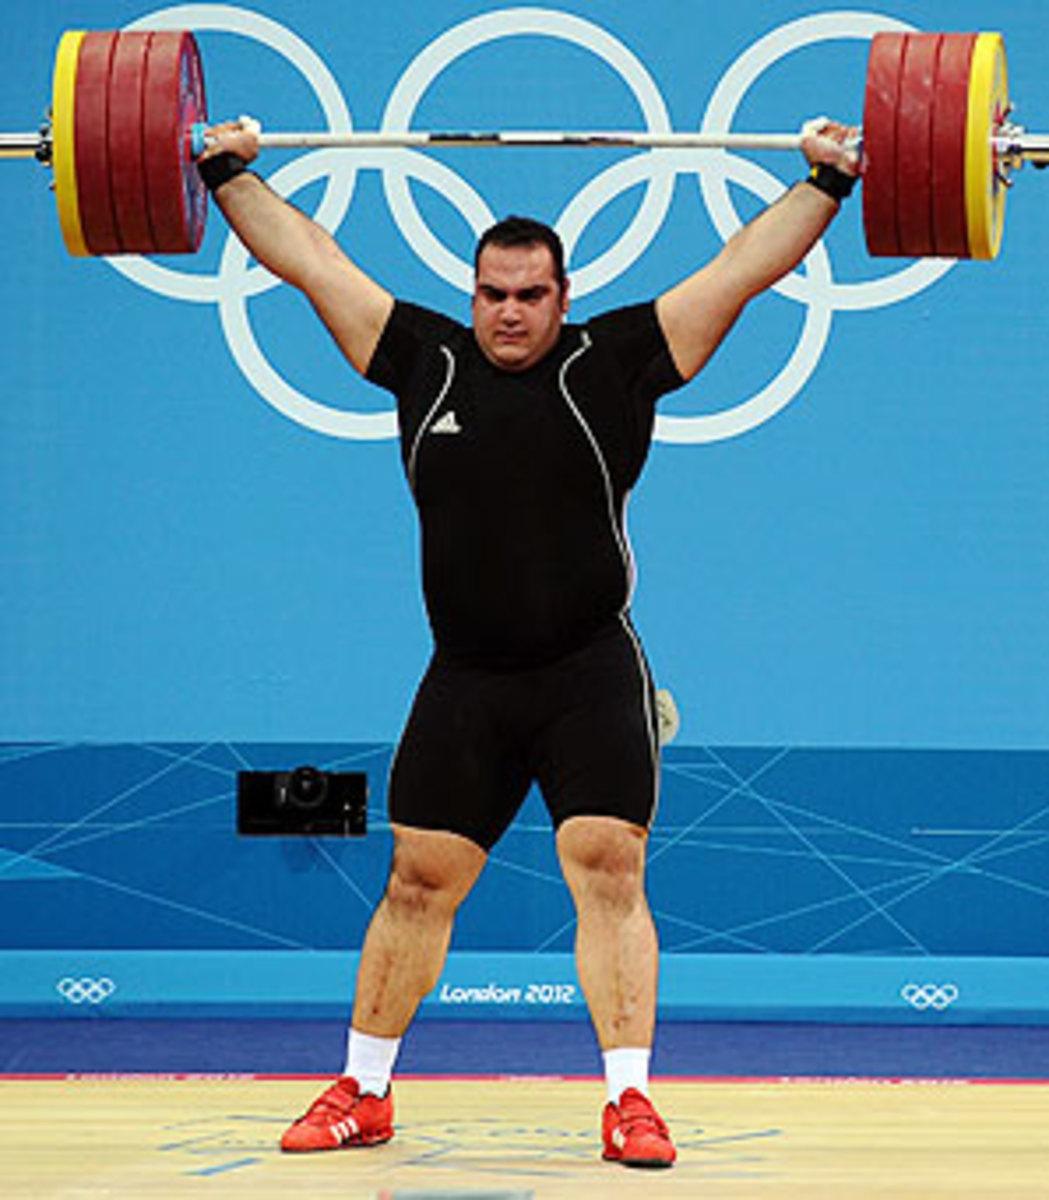 salimi-weightlifting-farber.jpg